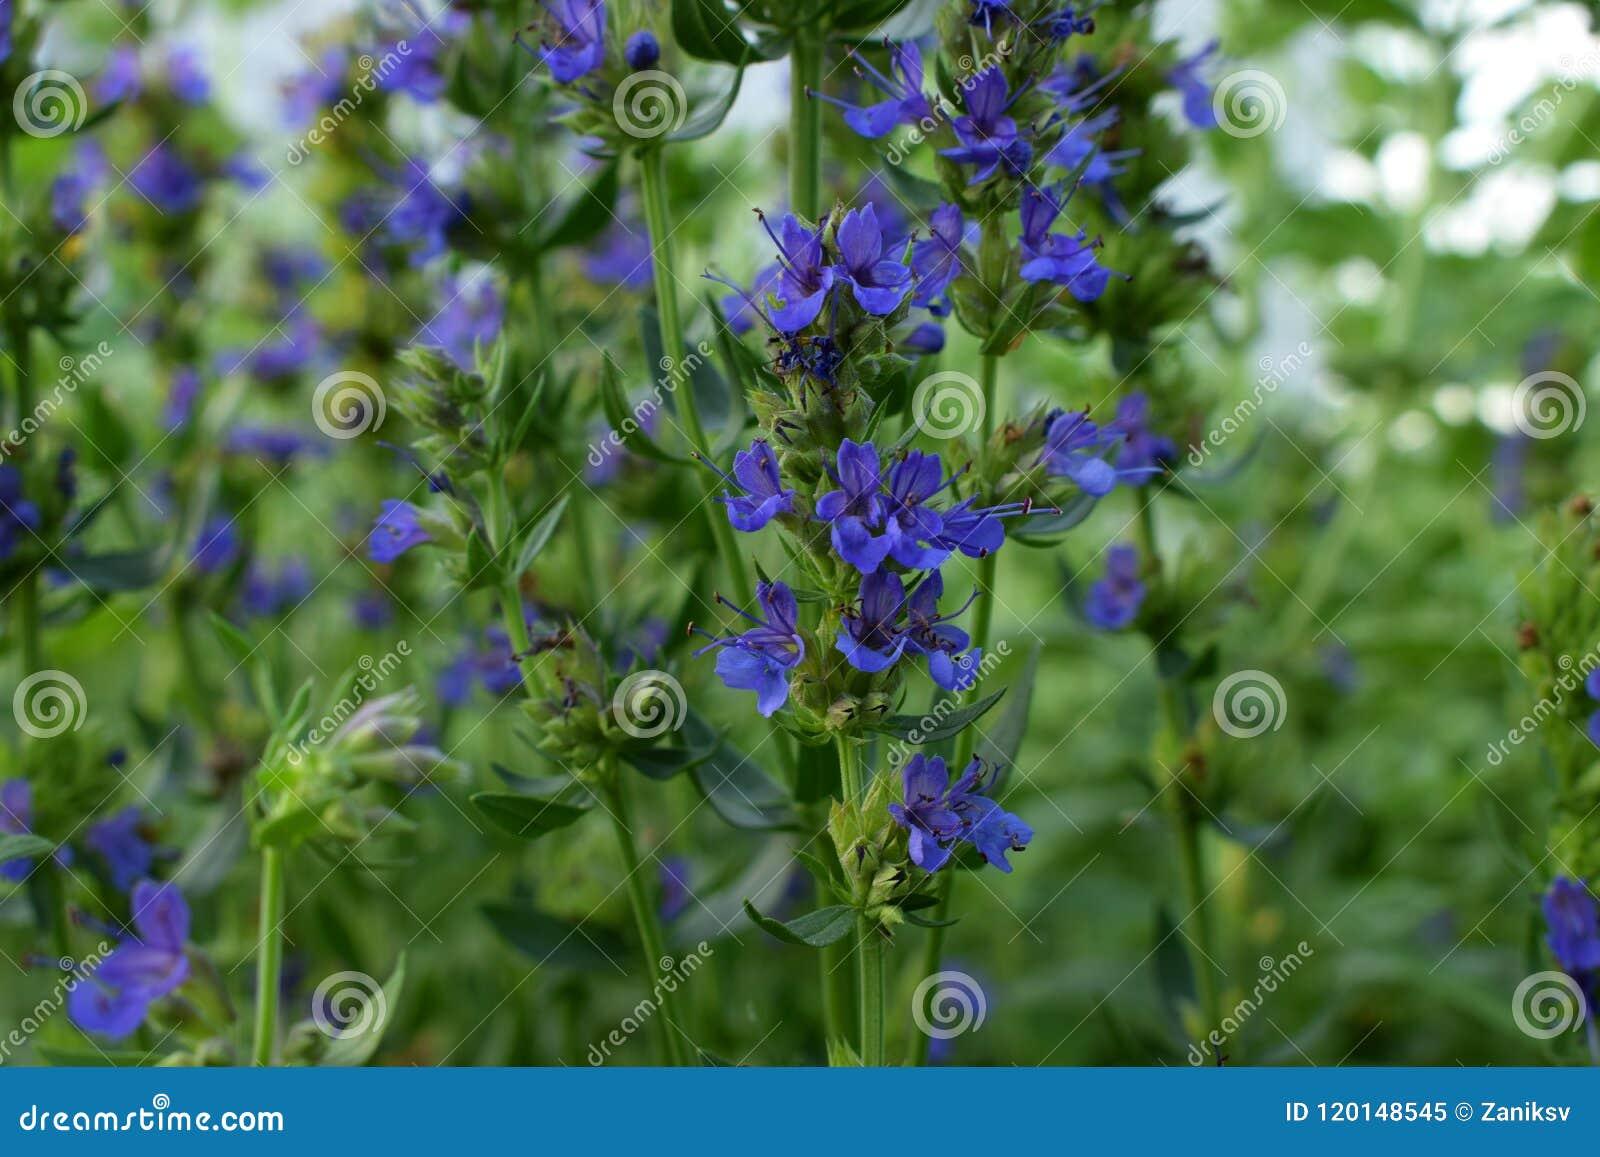 Blooming blue hyssop